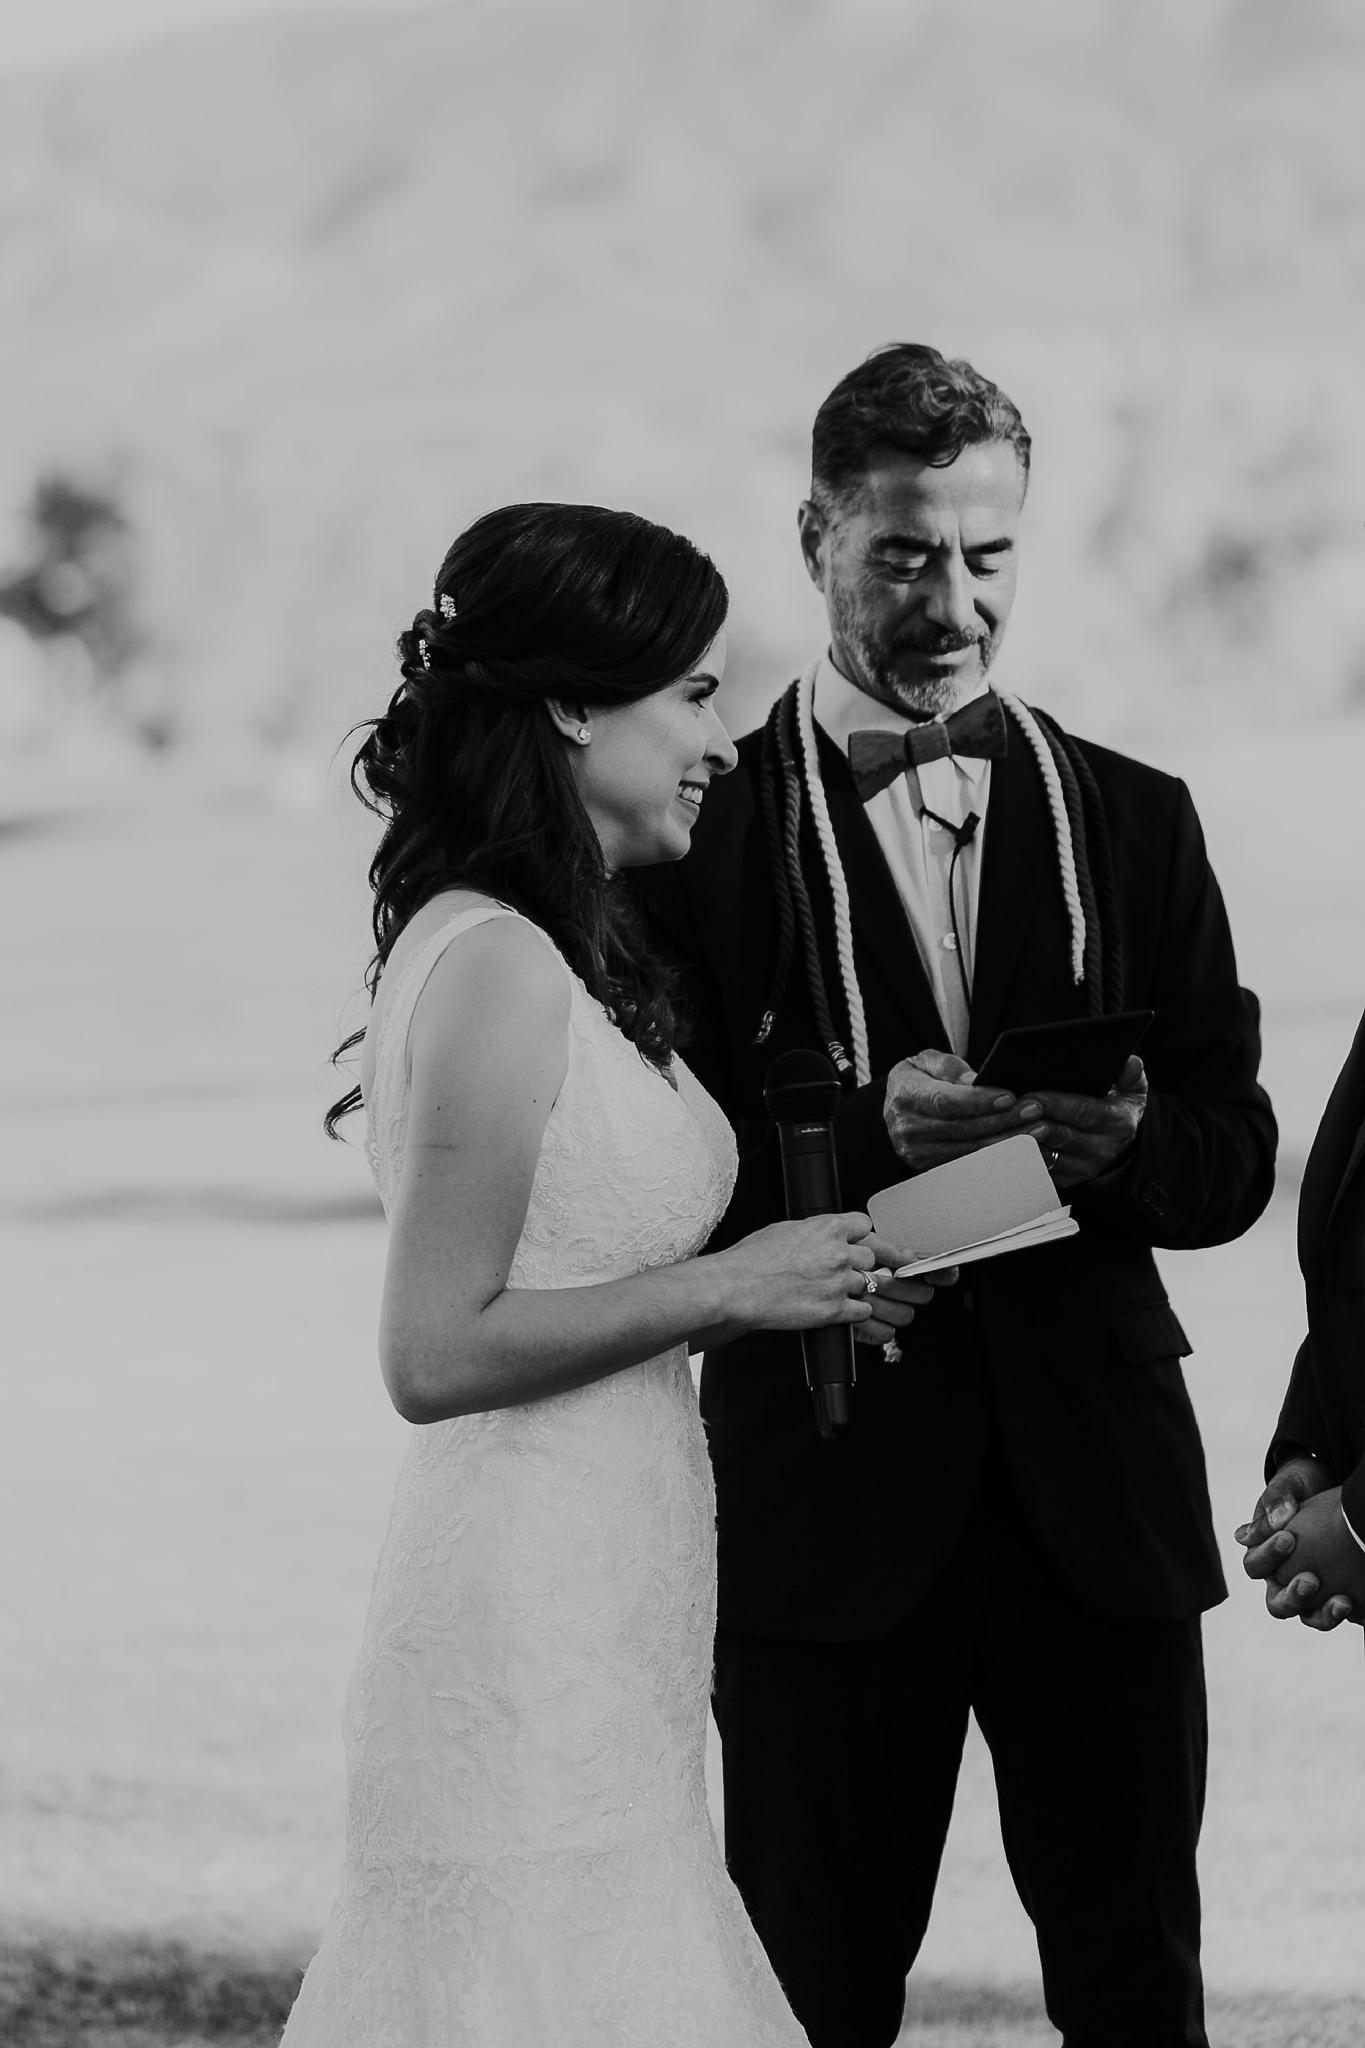 Alicia+lucia+photography+-+albuquerque+wedding+photographer+-+santa+fe+wedding+photography+-+new+mexico+wedding+photographer+-+new+mexico+wedding+-+wedding+vows+-+writing+your+own+vows+-+wedding+inspo_0007.jpg